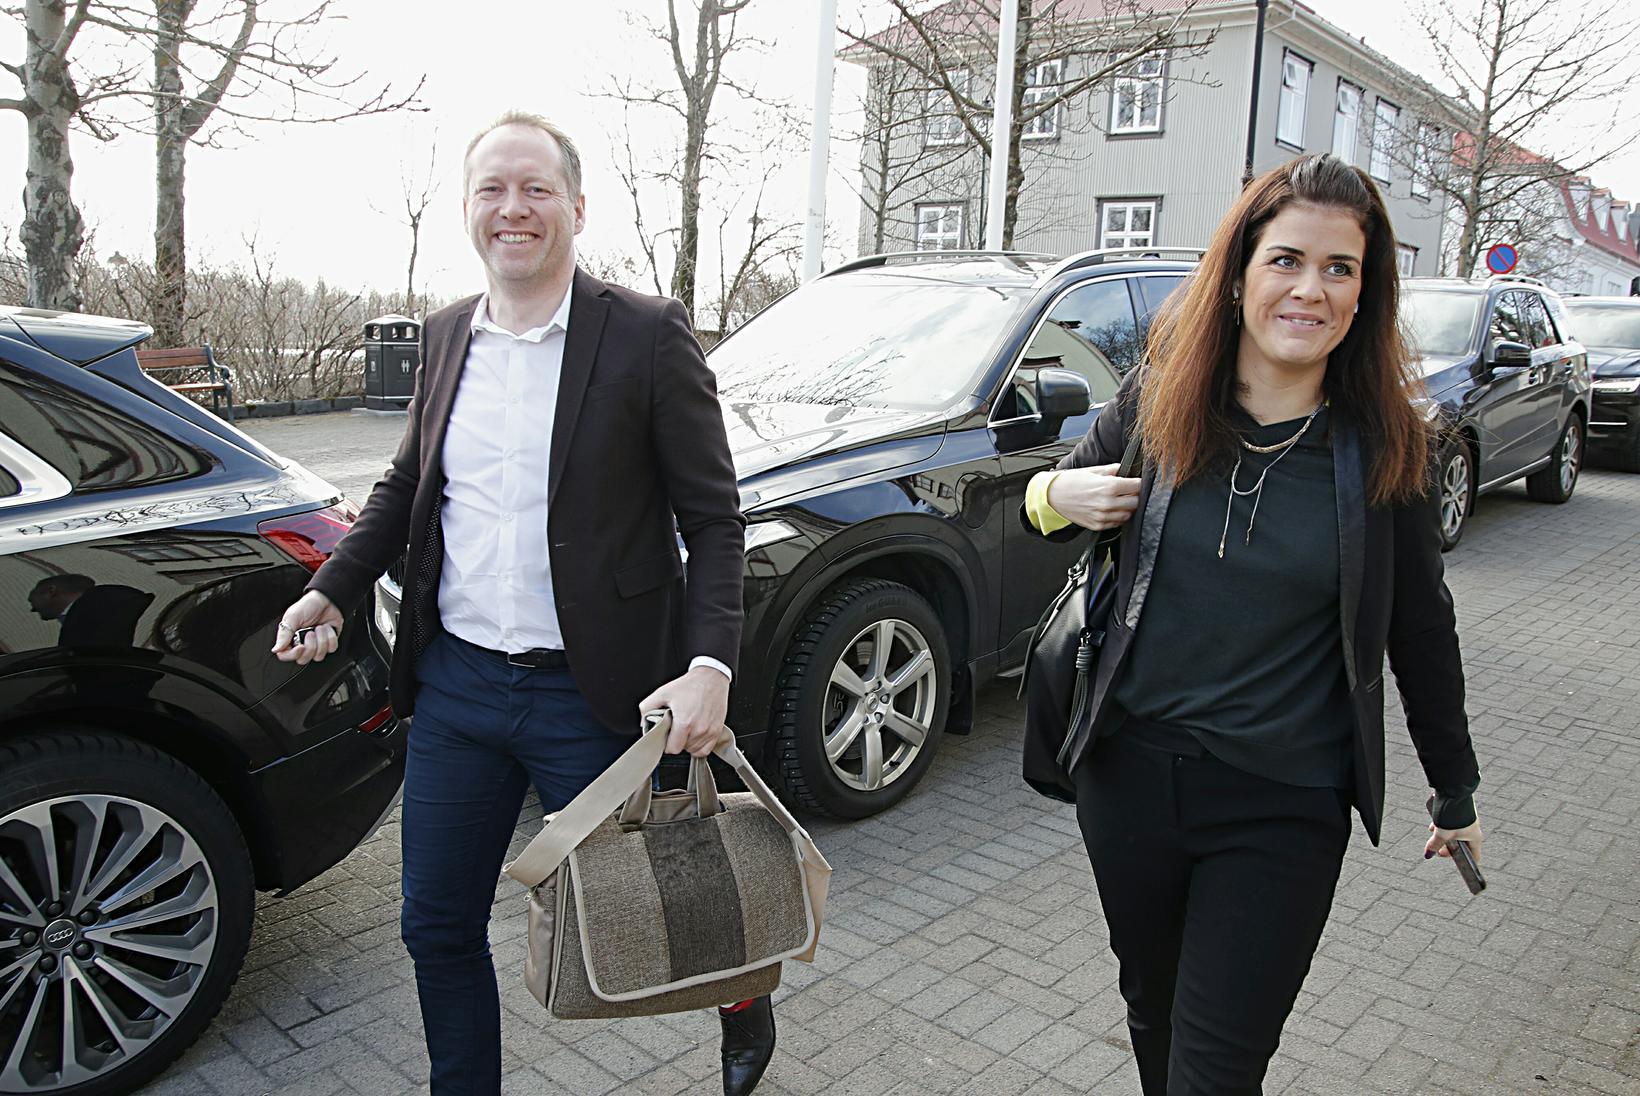 Guðmundur Ingi Guðbrandsson umhverfisráðherra og Þórdís Kolbrún Reykfjörð Gylfadóttir, ferðamála-, …